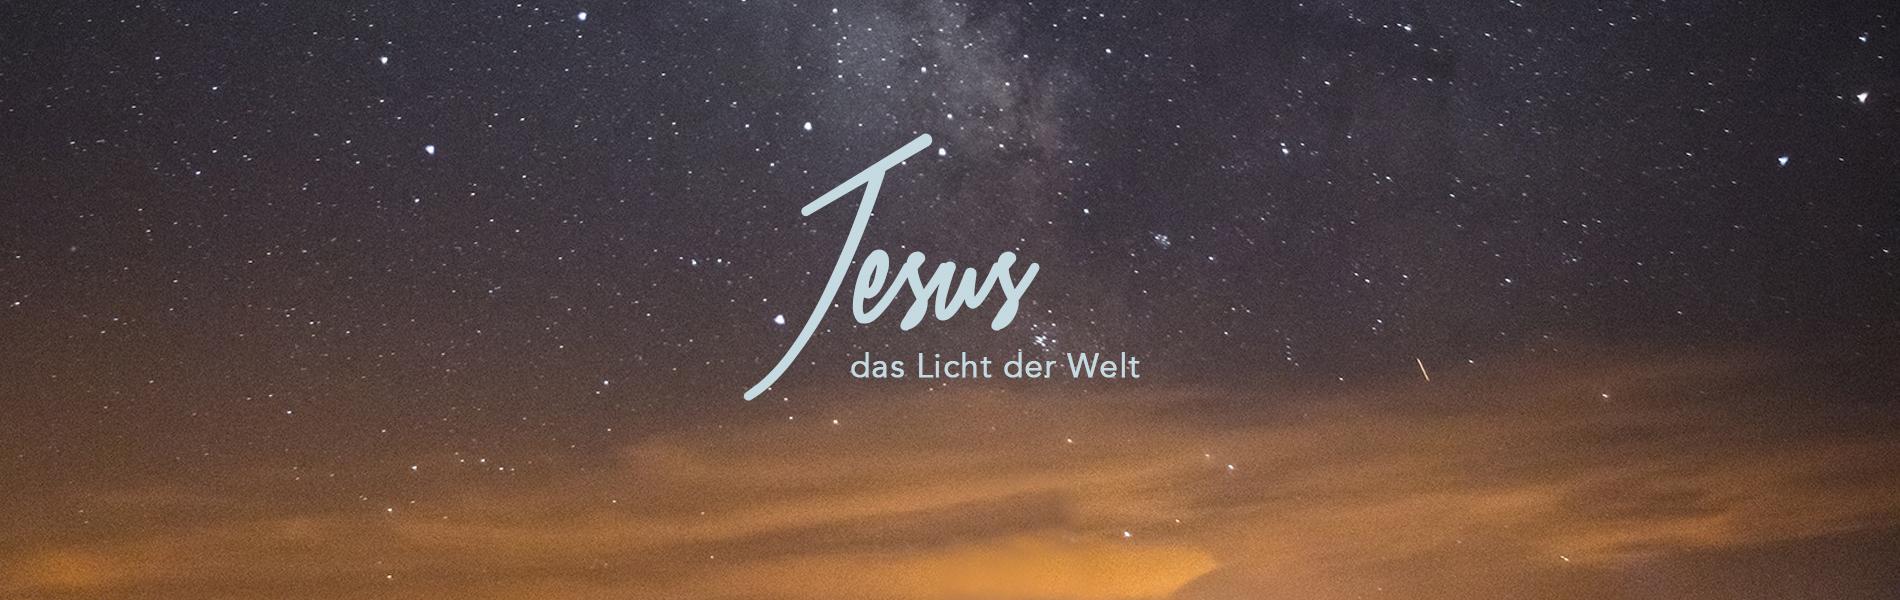 12_Dec_Jesus_Light_Of_The_World_DE Home | New Creation TV